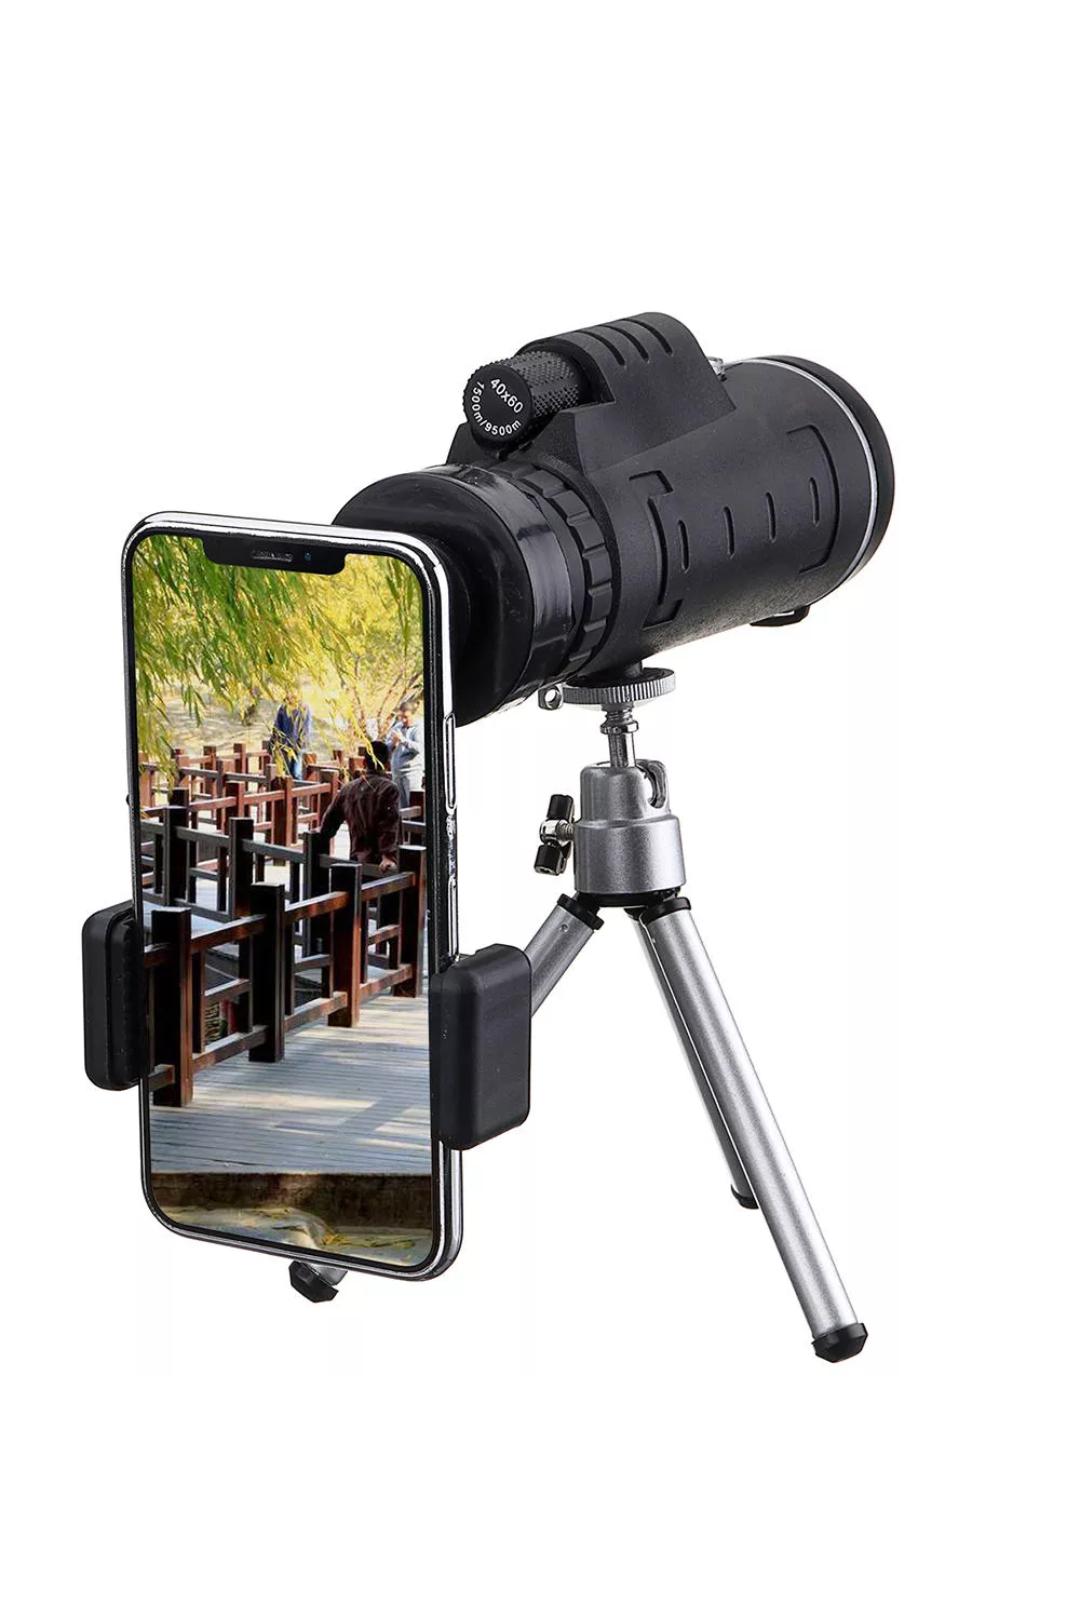 Télescope optique monoculaire HD 40X60 + Trépied + Clip pour téléphone portable